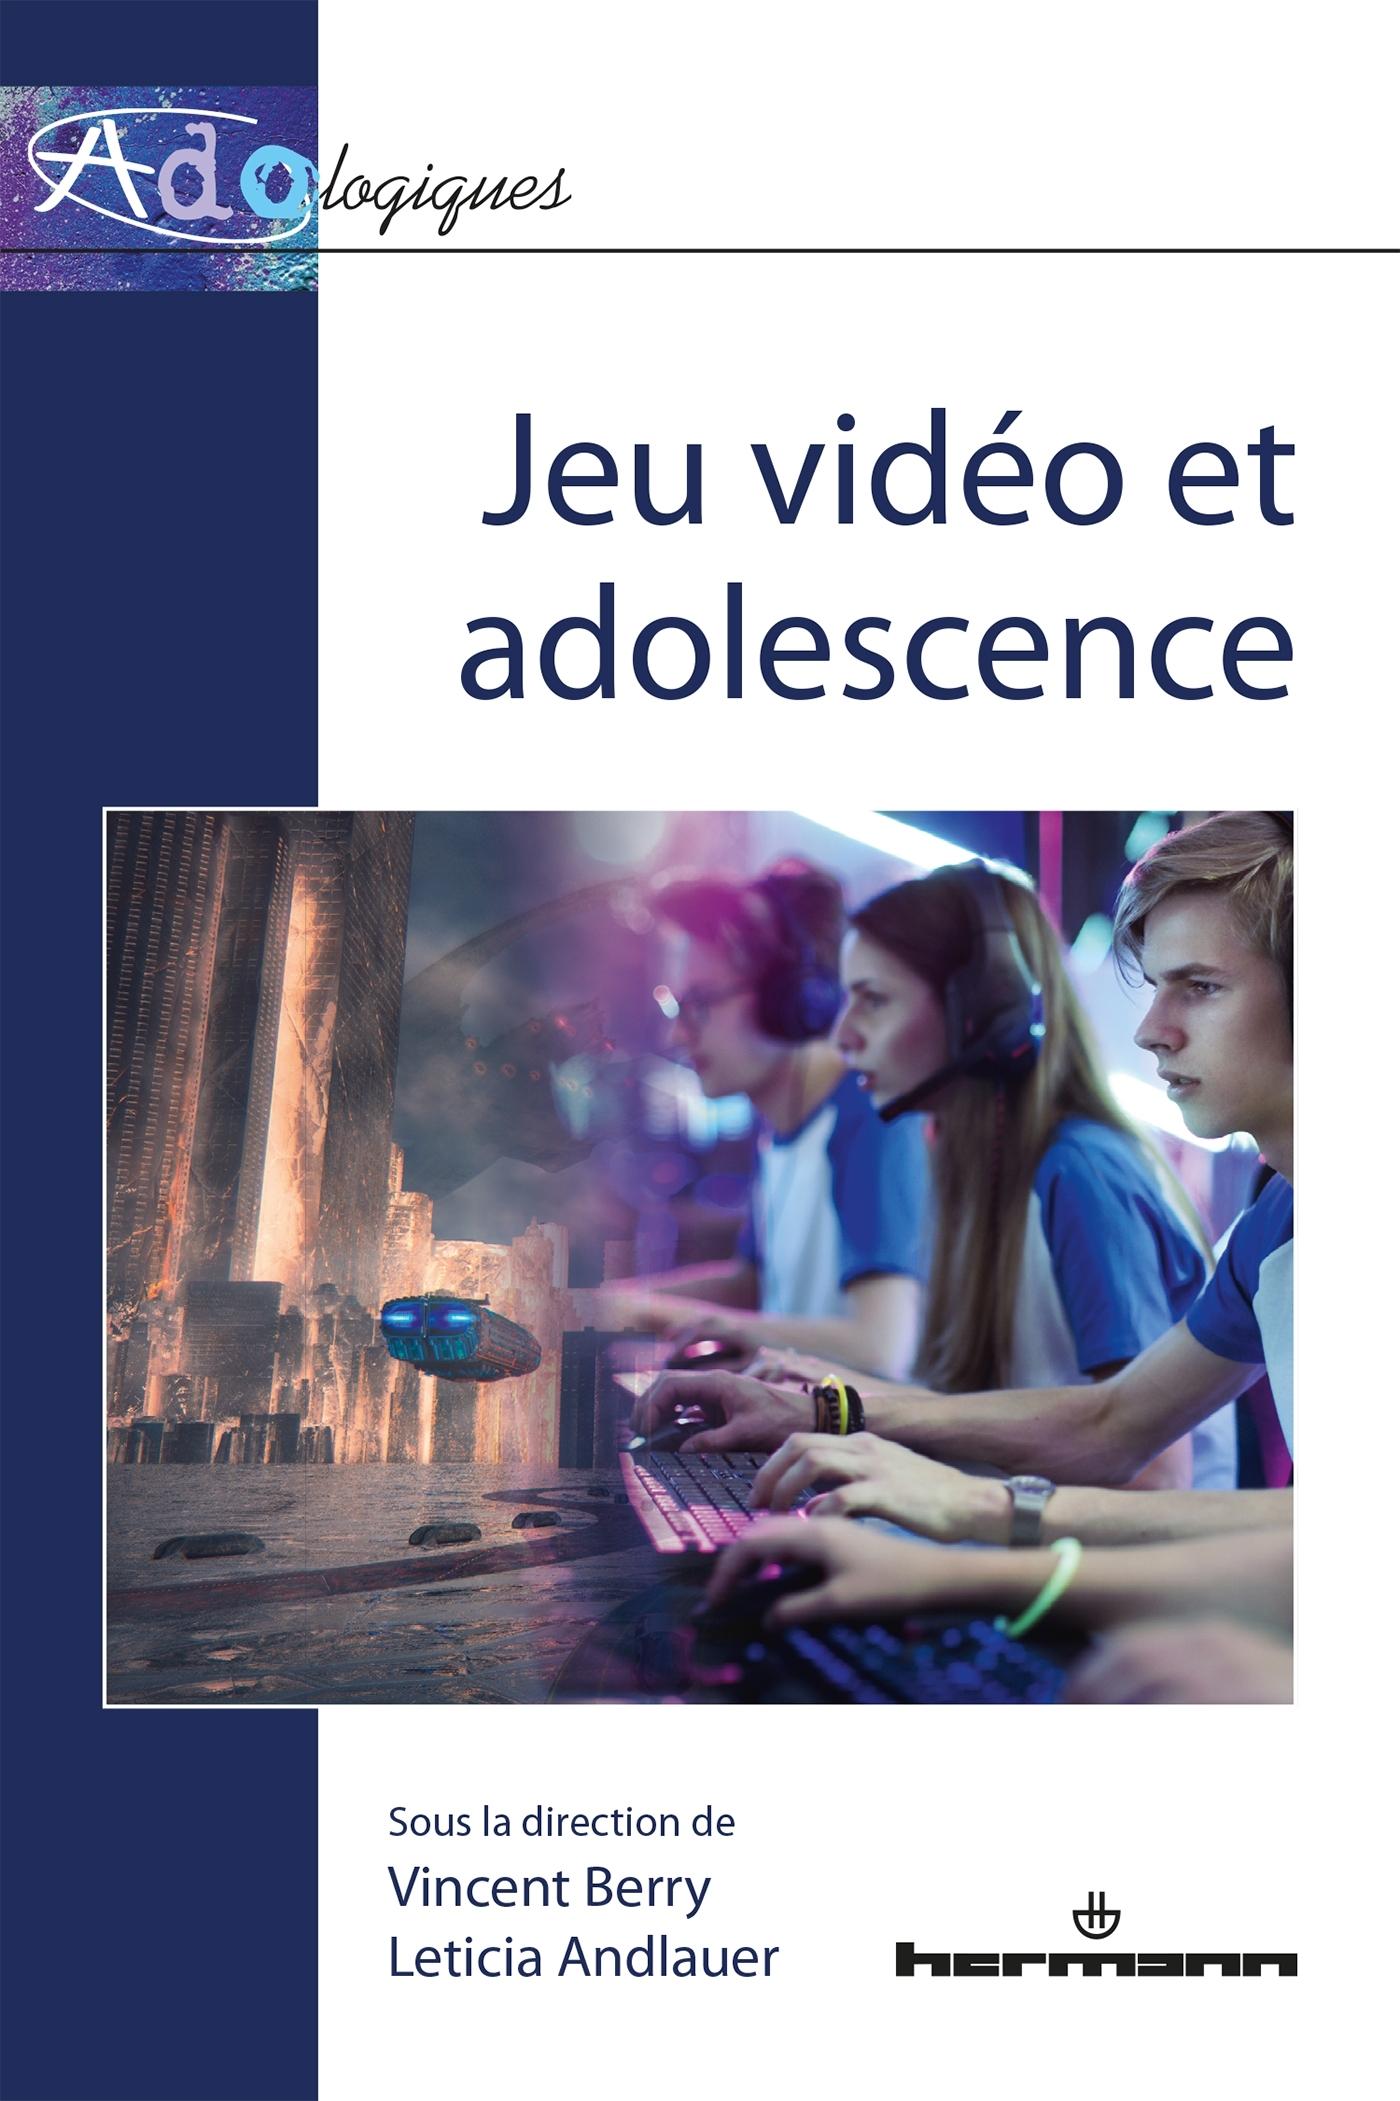 JEU VIDEO ET ADOLESCENCE